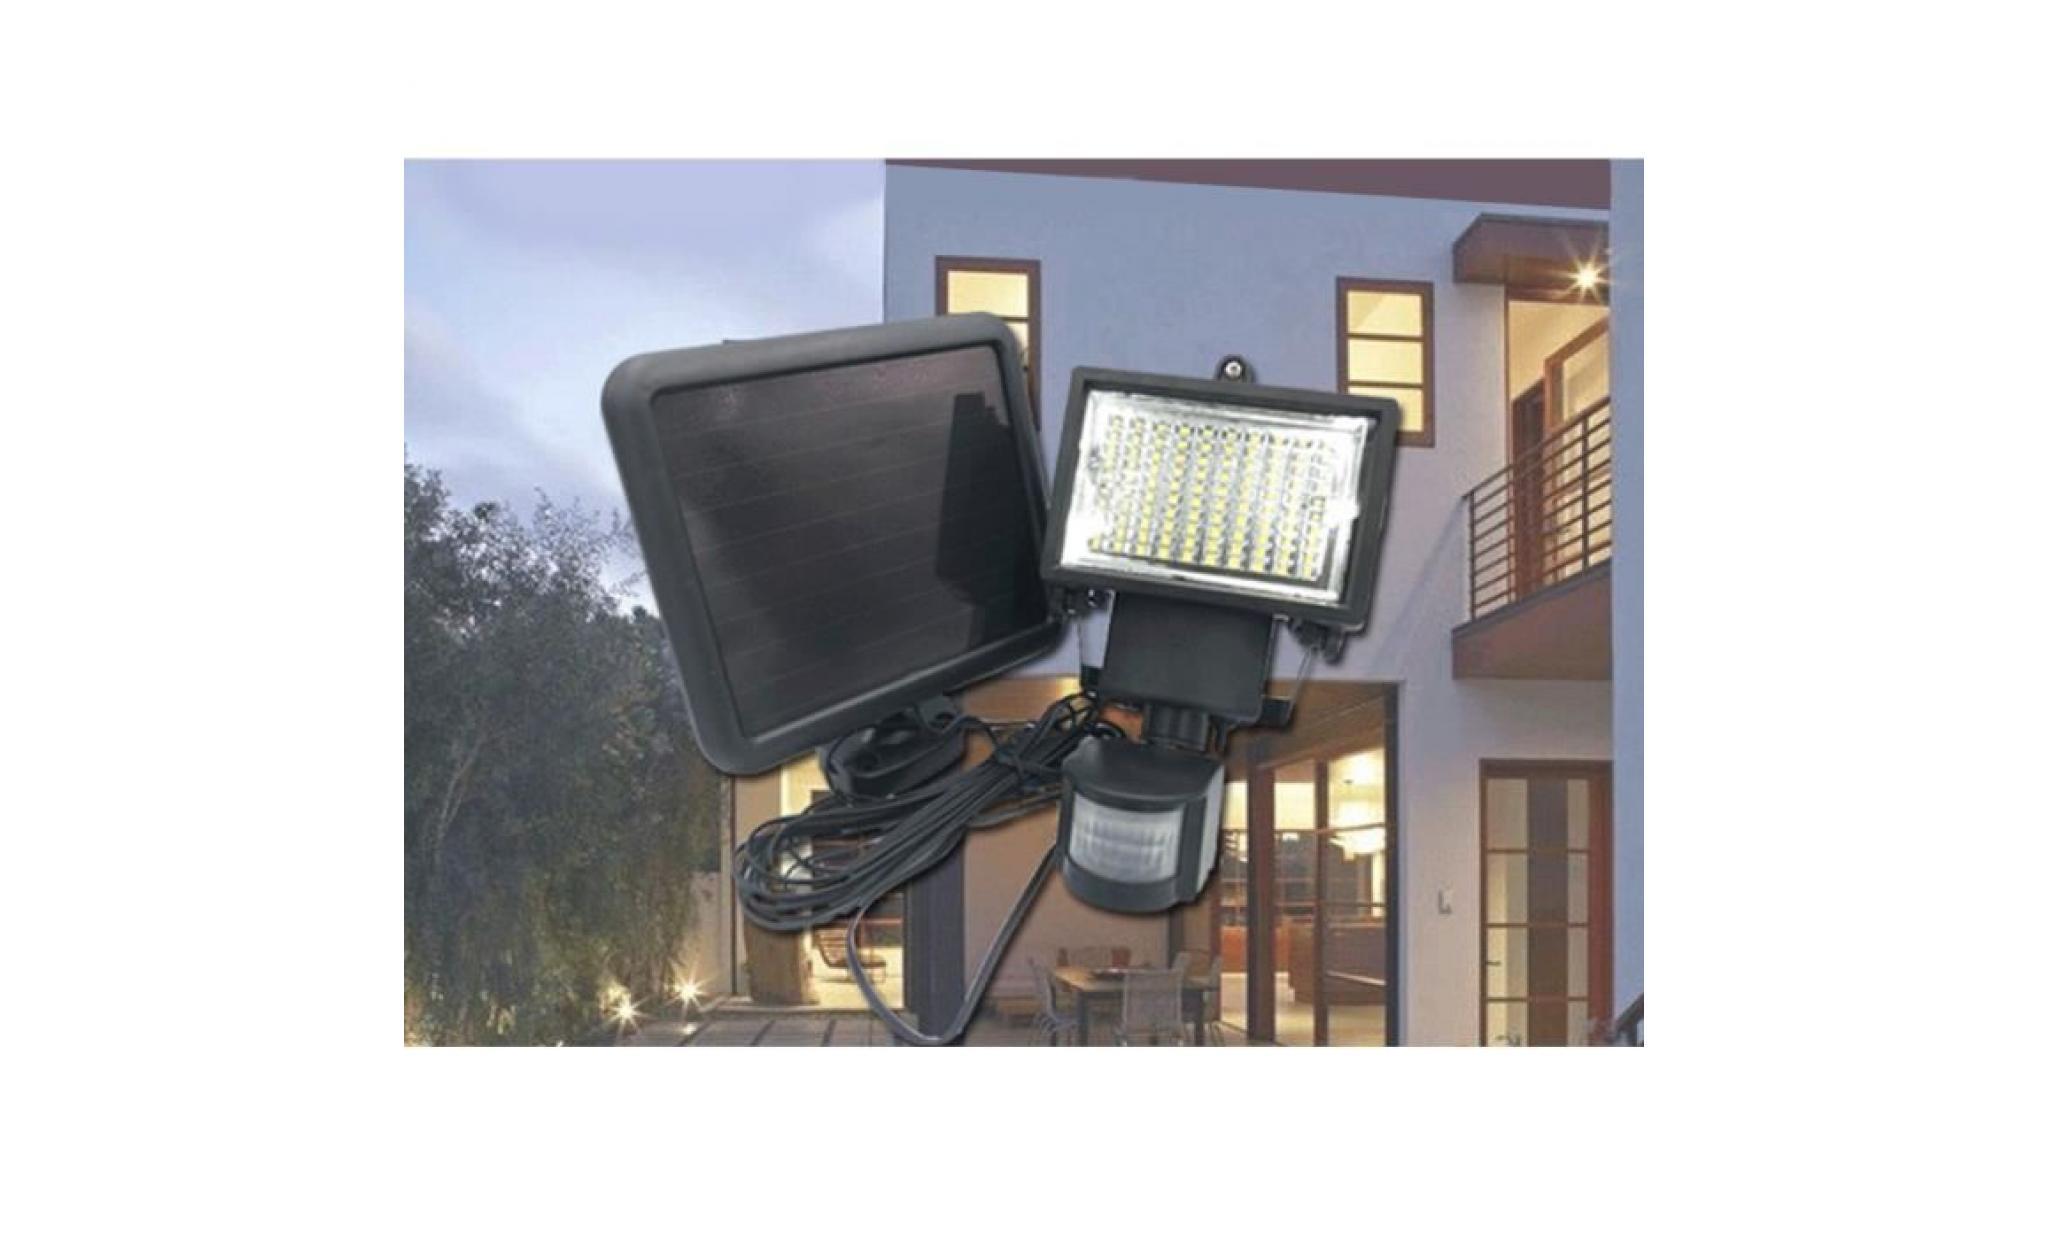 Lampe Extérieur Mouvement 120led Avec De Solaire Detecteur 7gvYmIfyb6